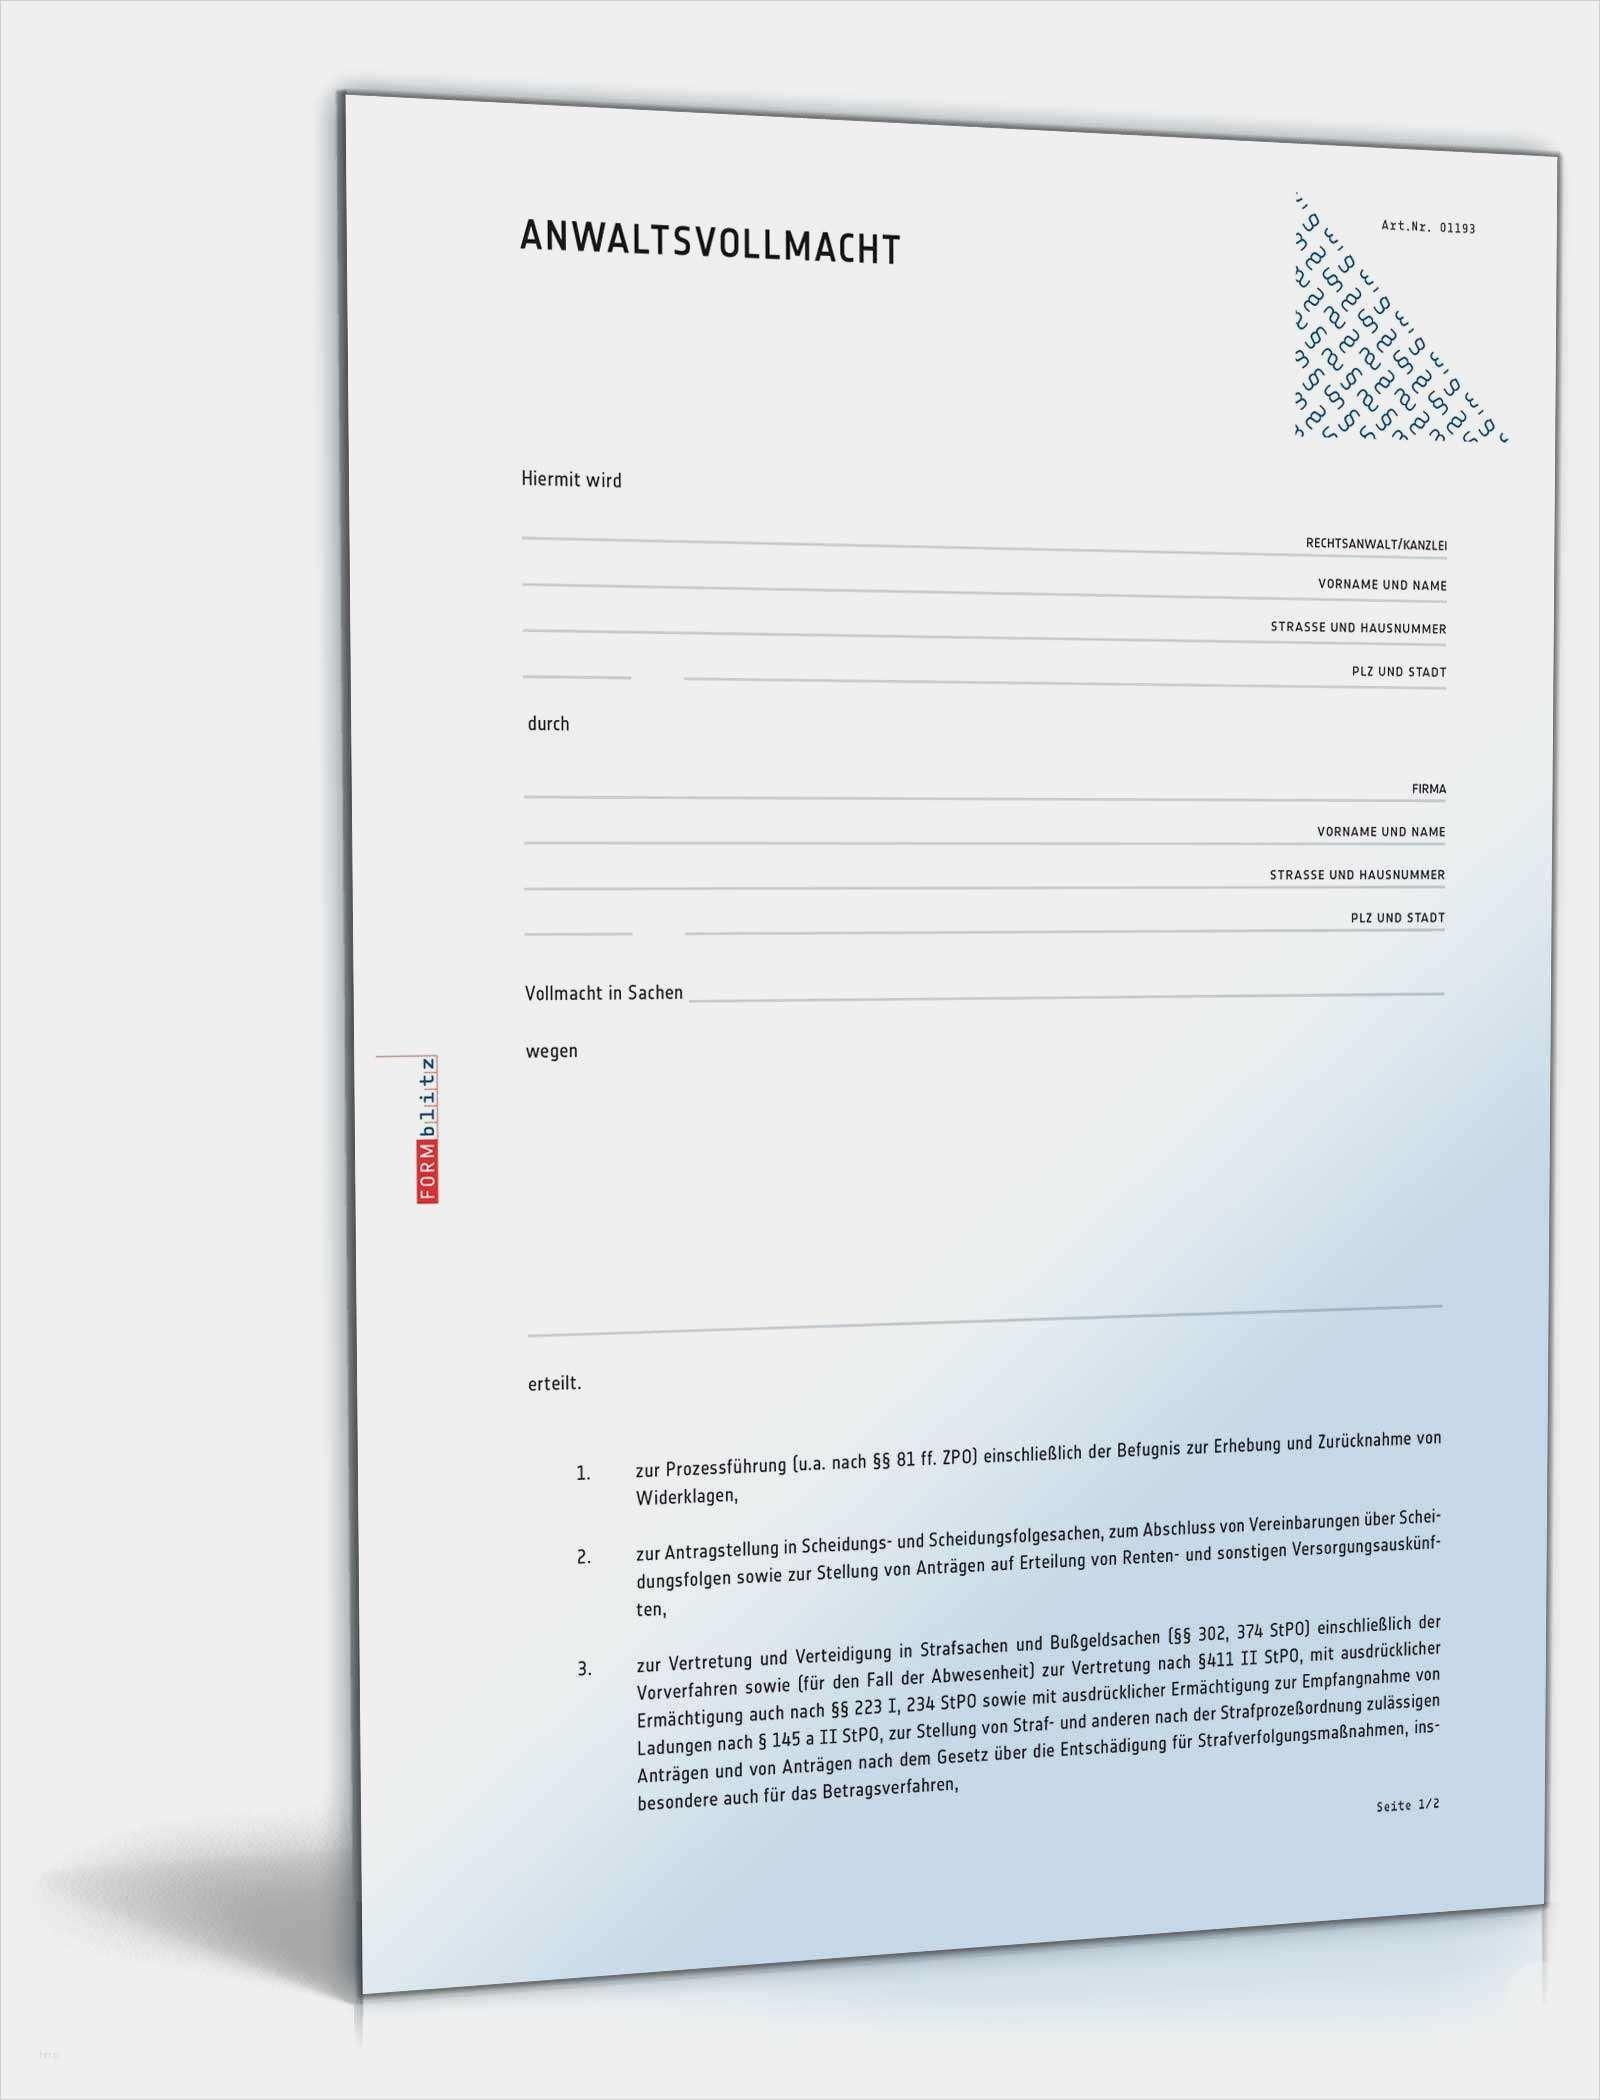 24 Genial Vollmacht Halterwechsel Vorlage Bilder In 2020 Halte Durch Vorlagen Flyer Vorlage